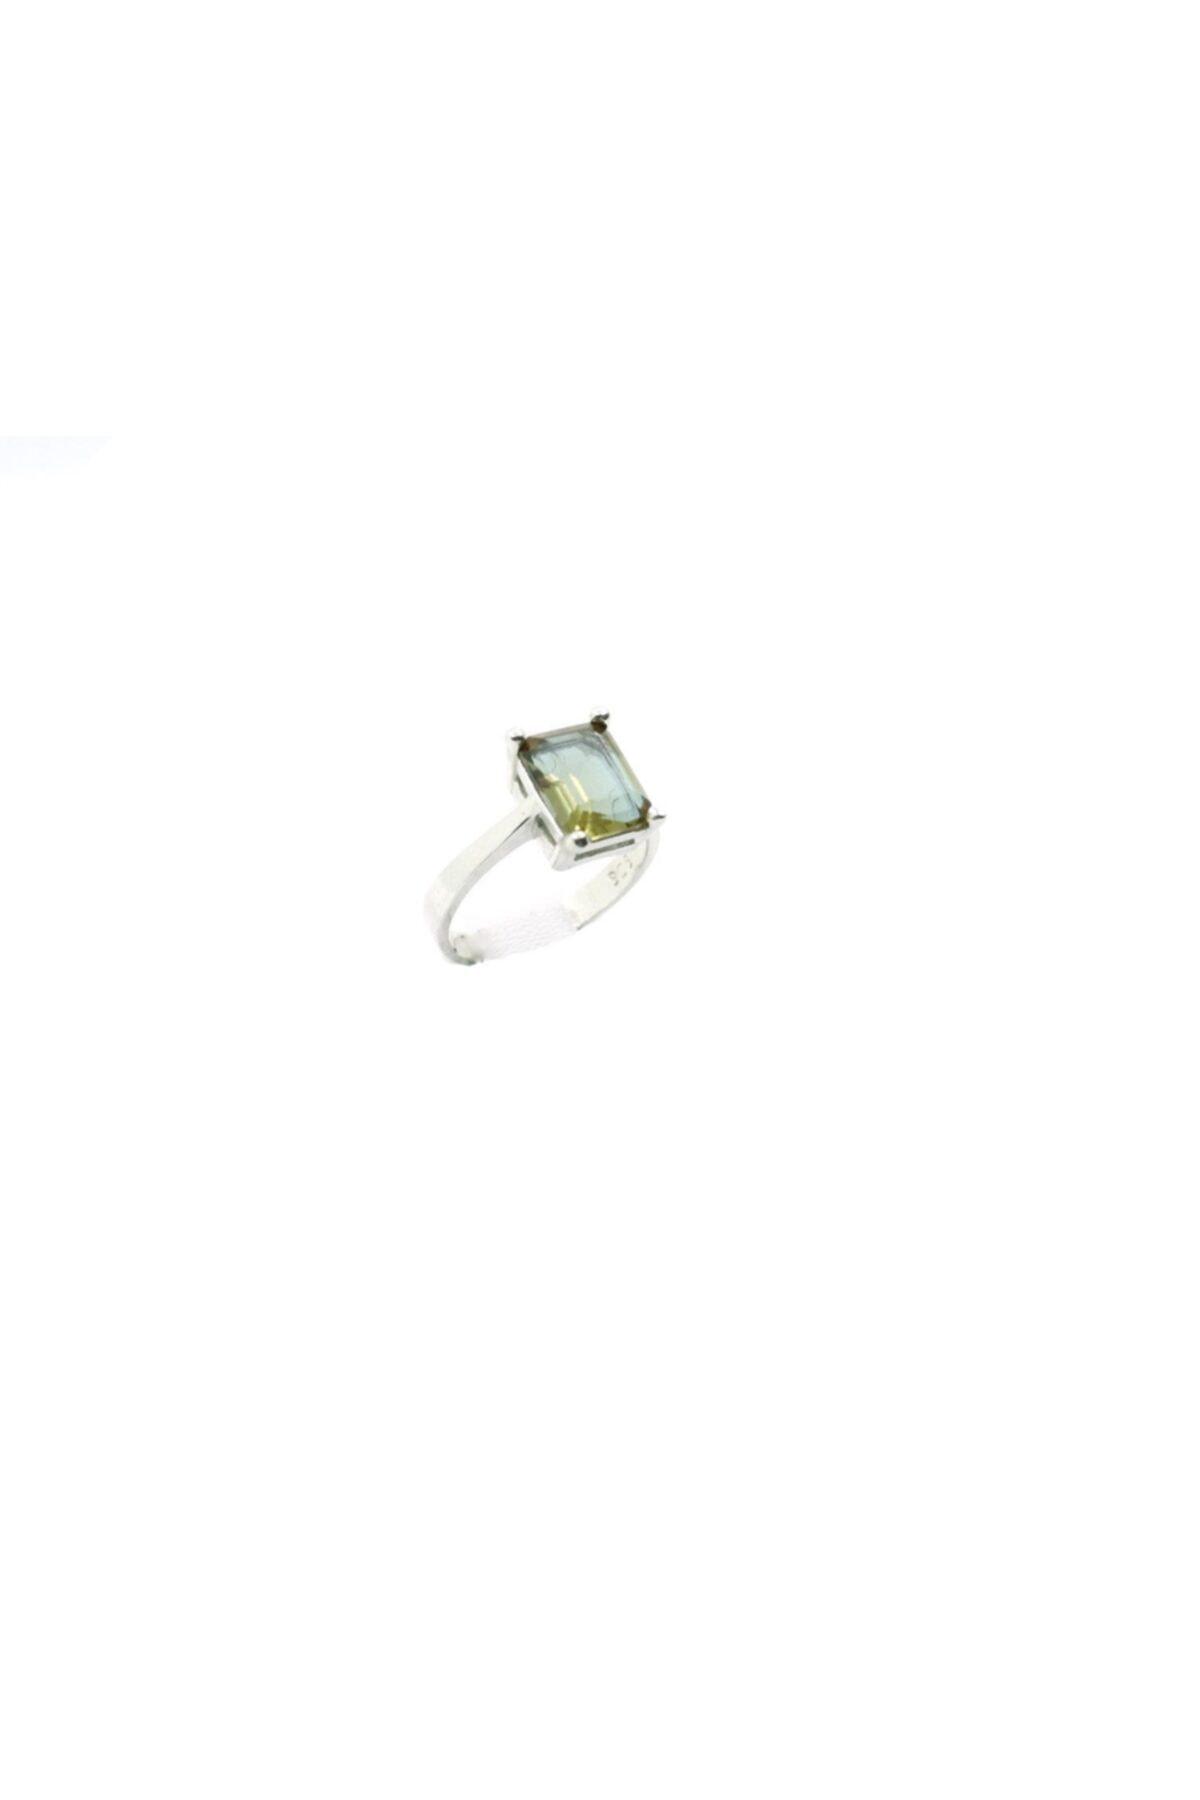 Aykat Taşı Dikdörtgen Renk Değiştiren Sultanit Taşlı Gümüş Bayan Yzk-256 1